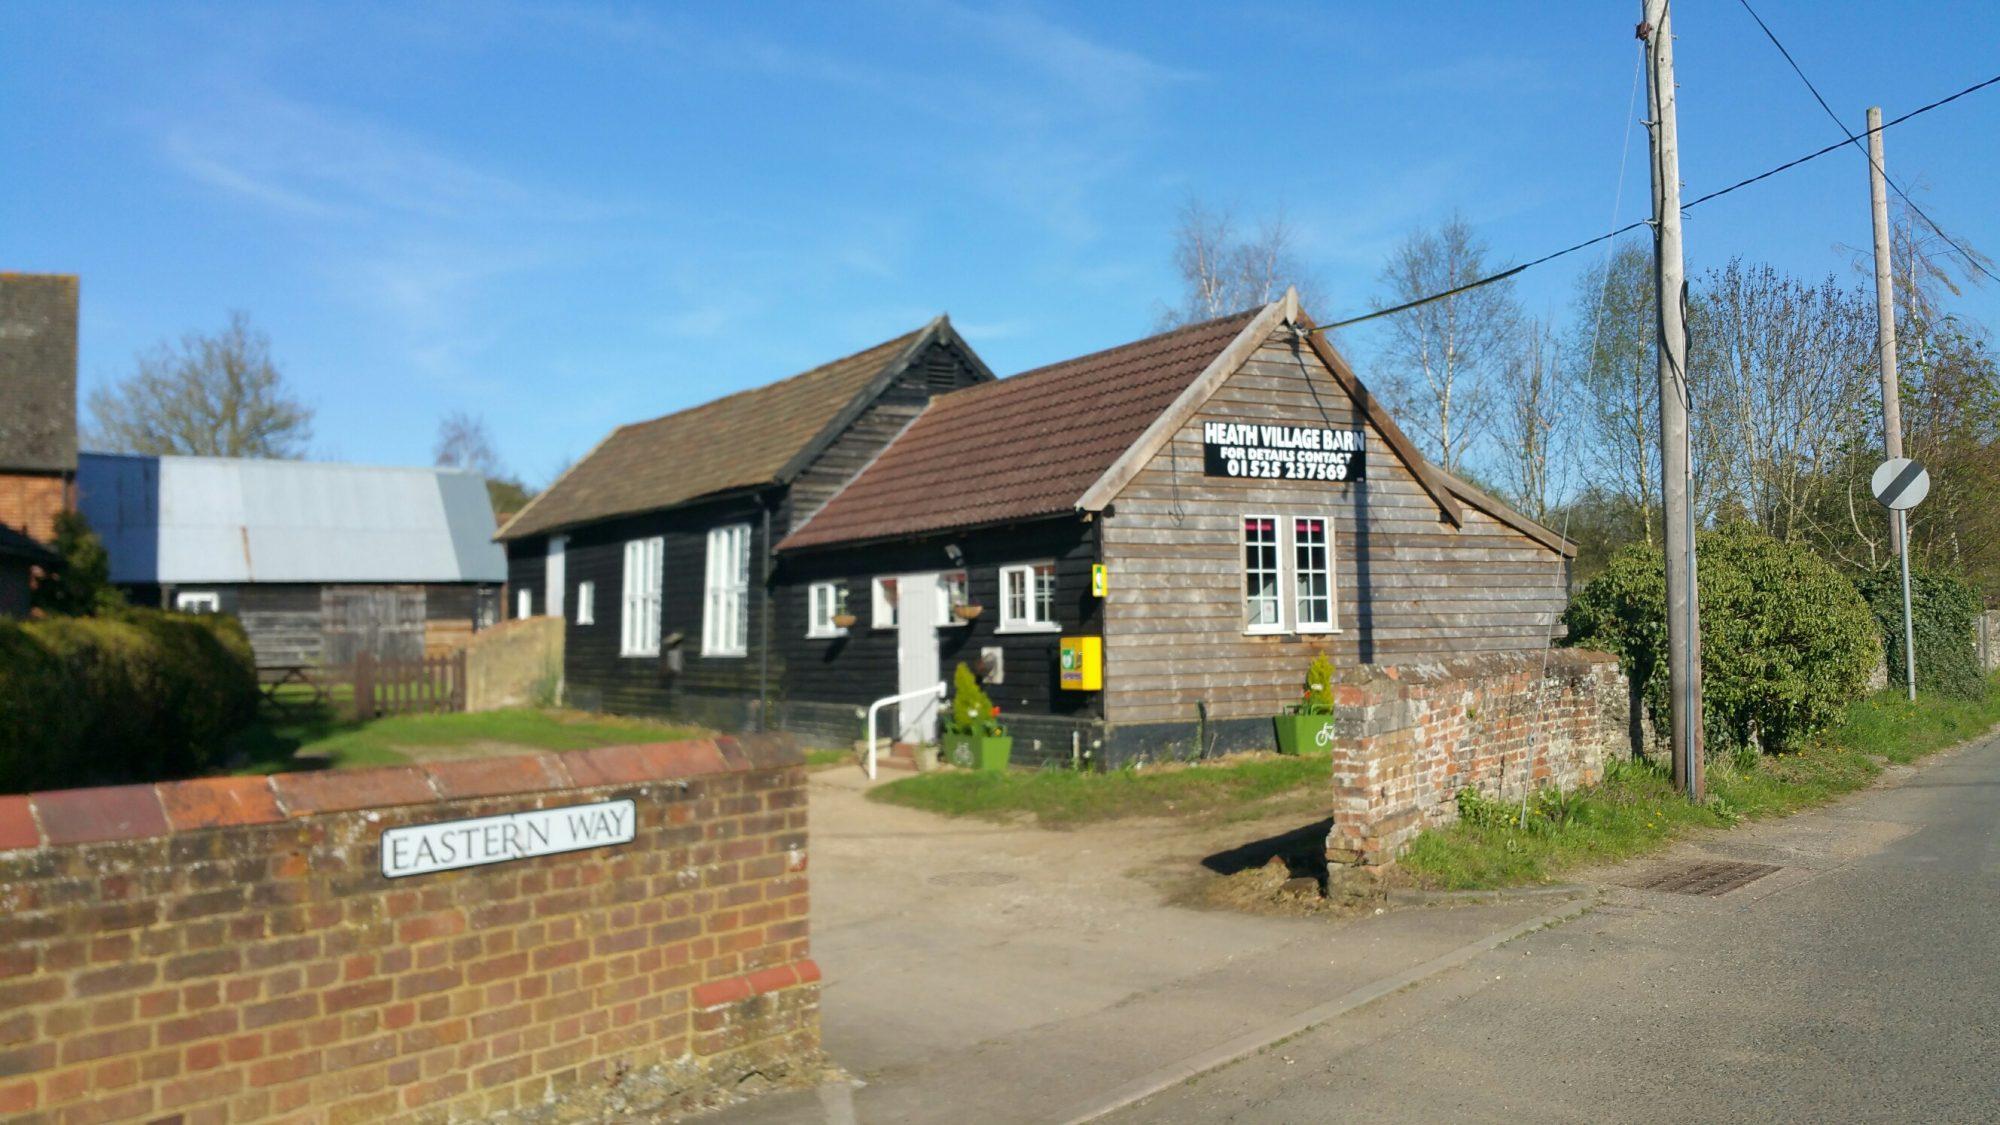 Heath amd Reach Village Barn